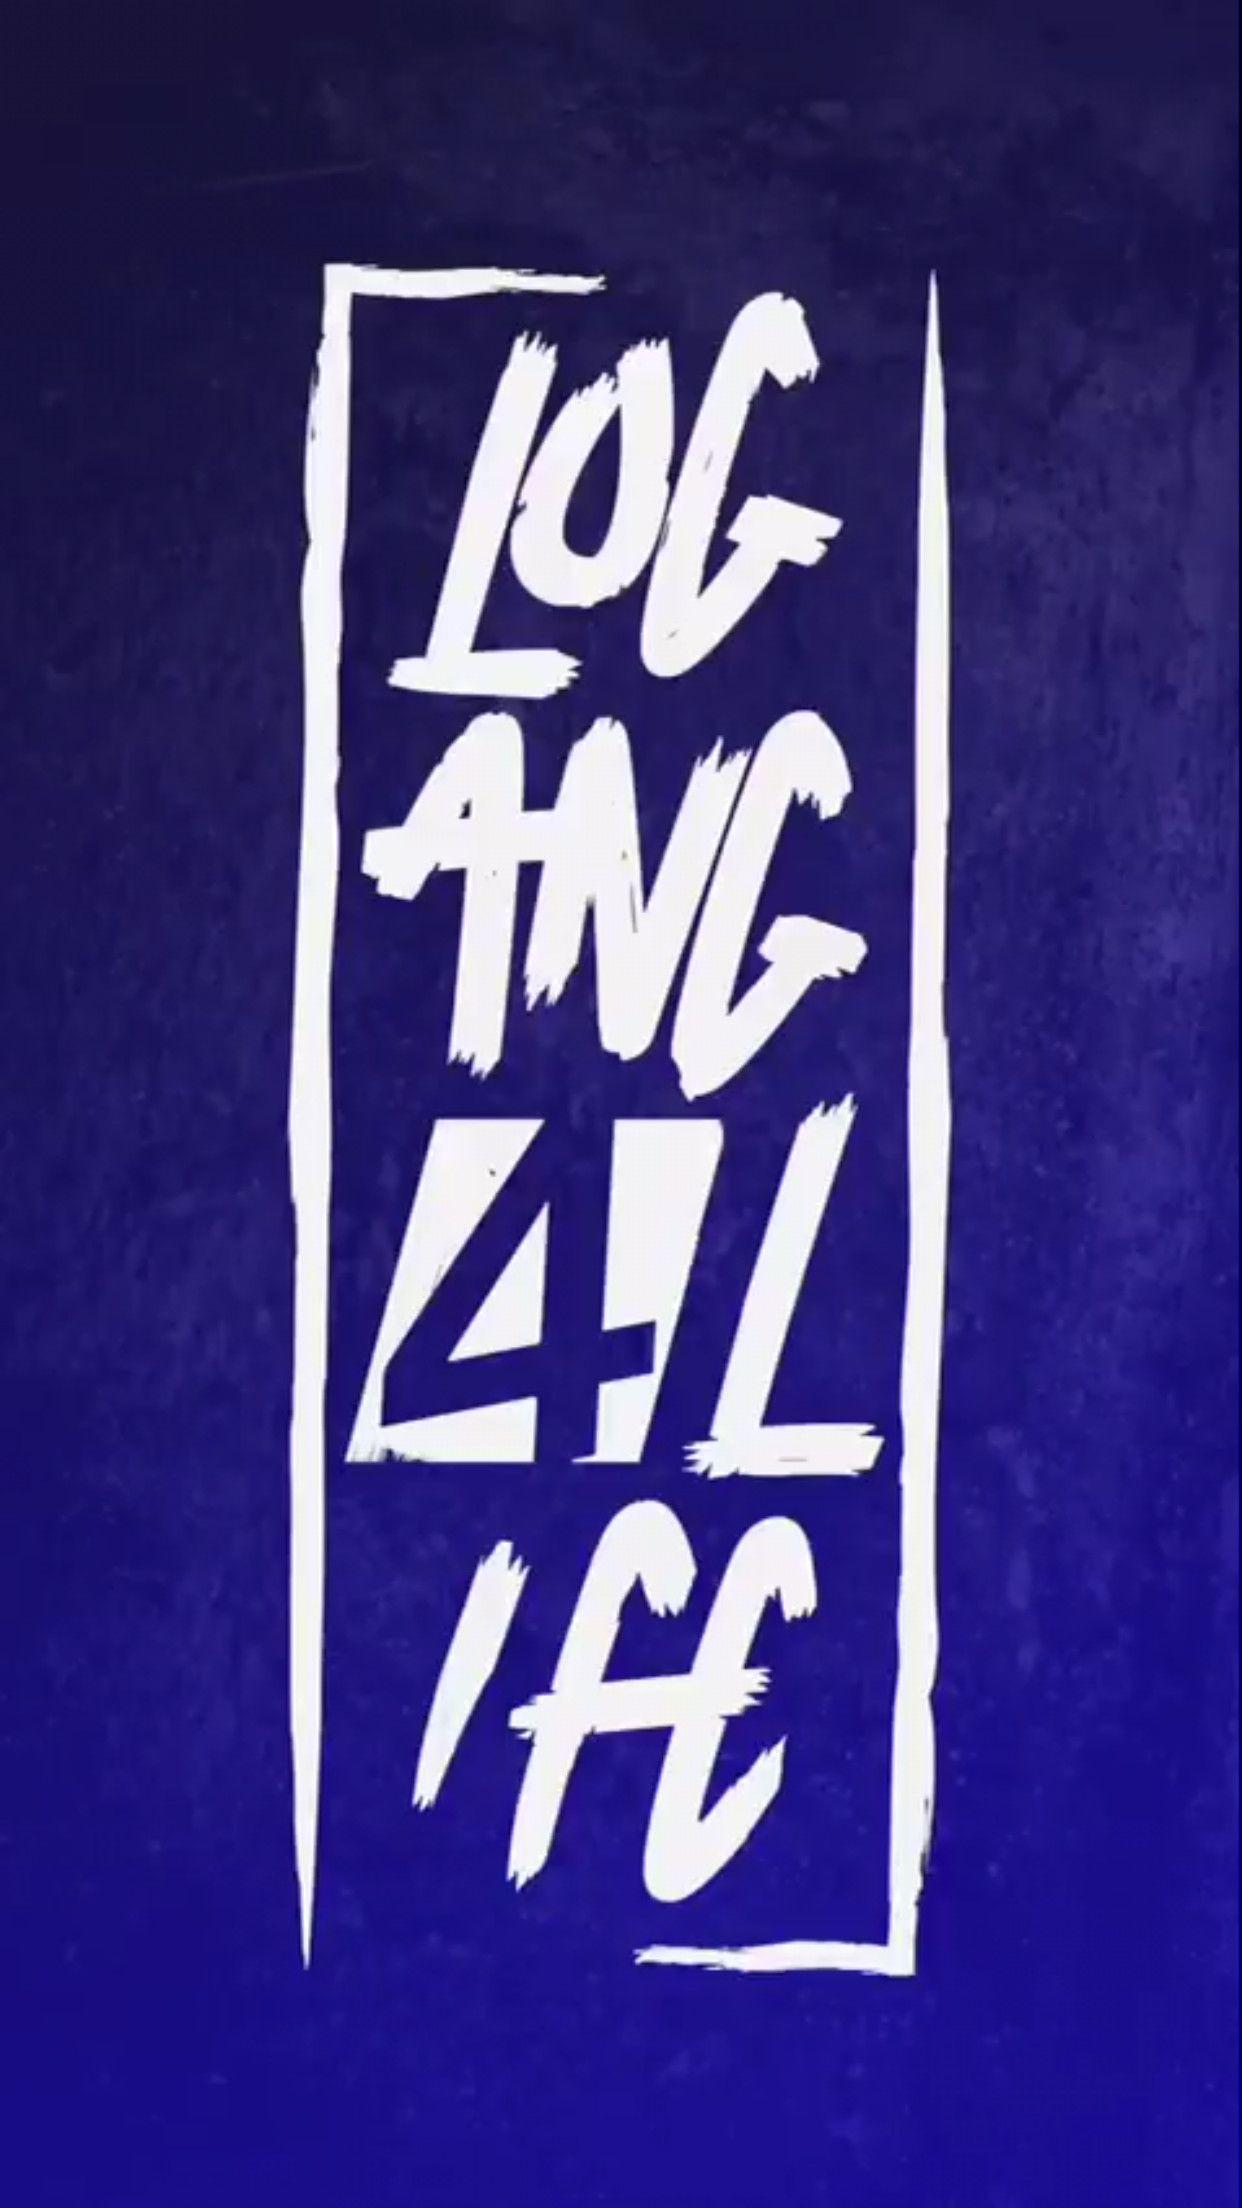 """1242x2208 Jake Paul Wallpapers ·①""""> · Download · 1024x768 maverick logan paul logo wallpaper » ..."""